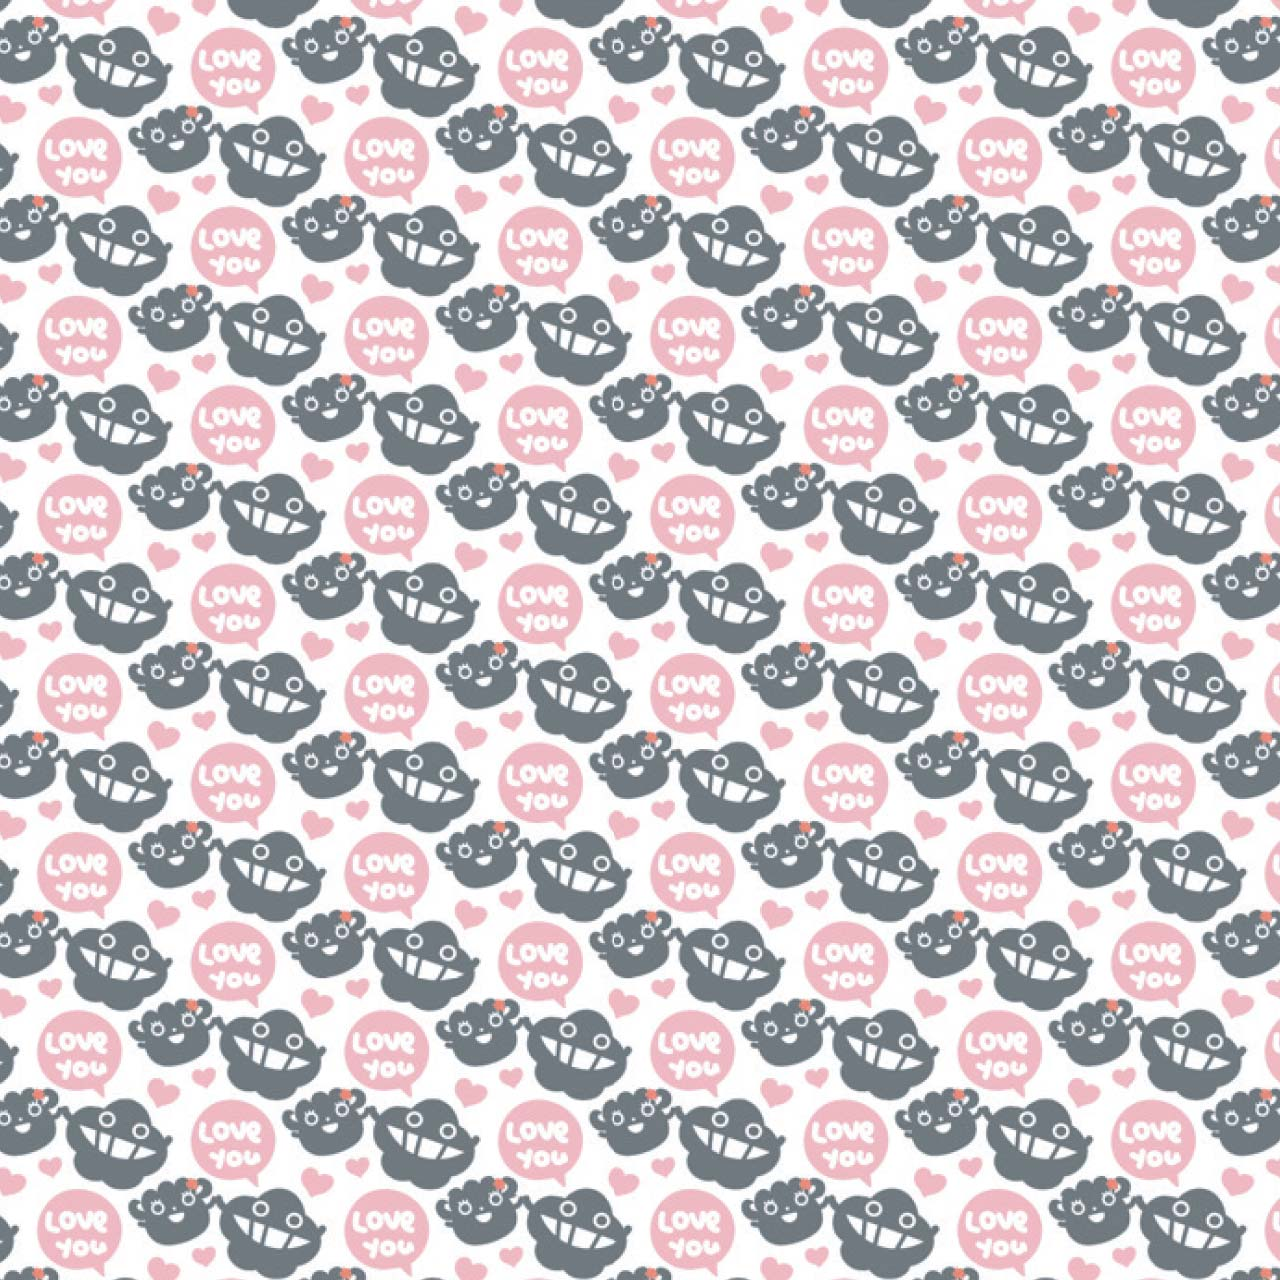 dustykid pattern love you